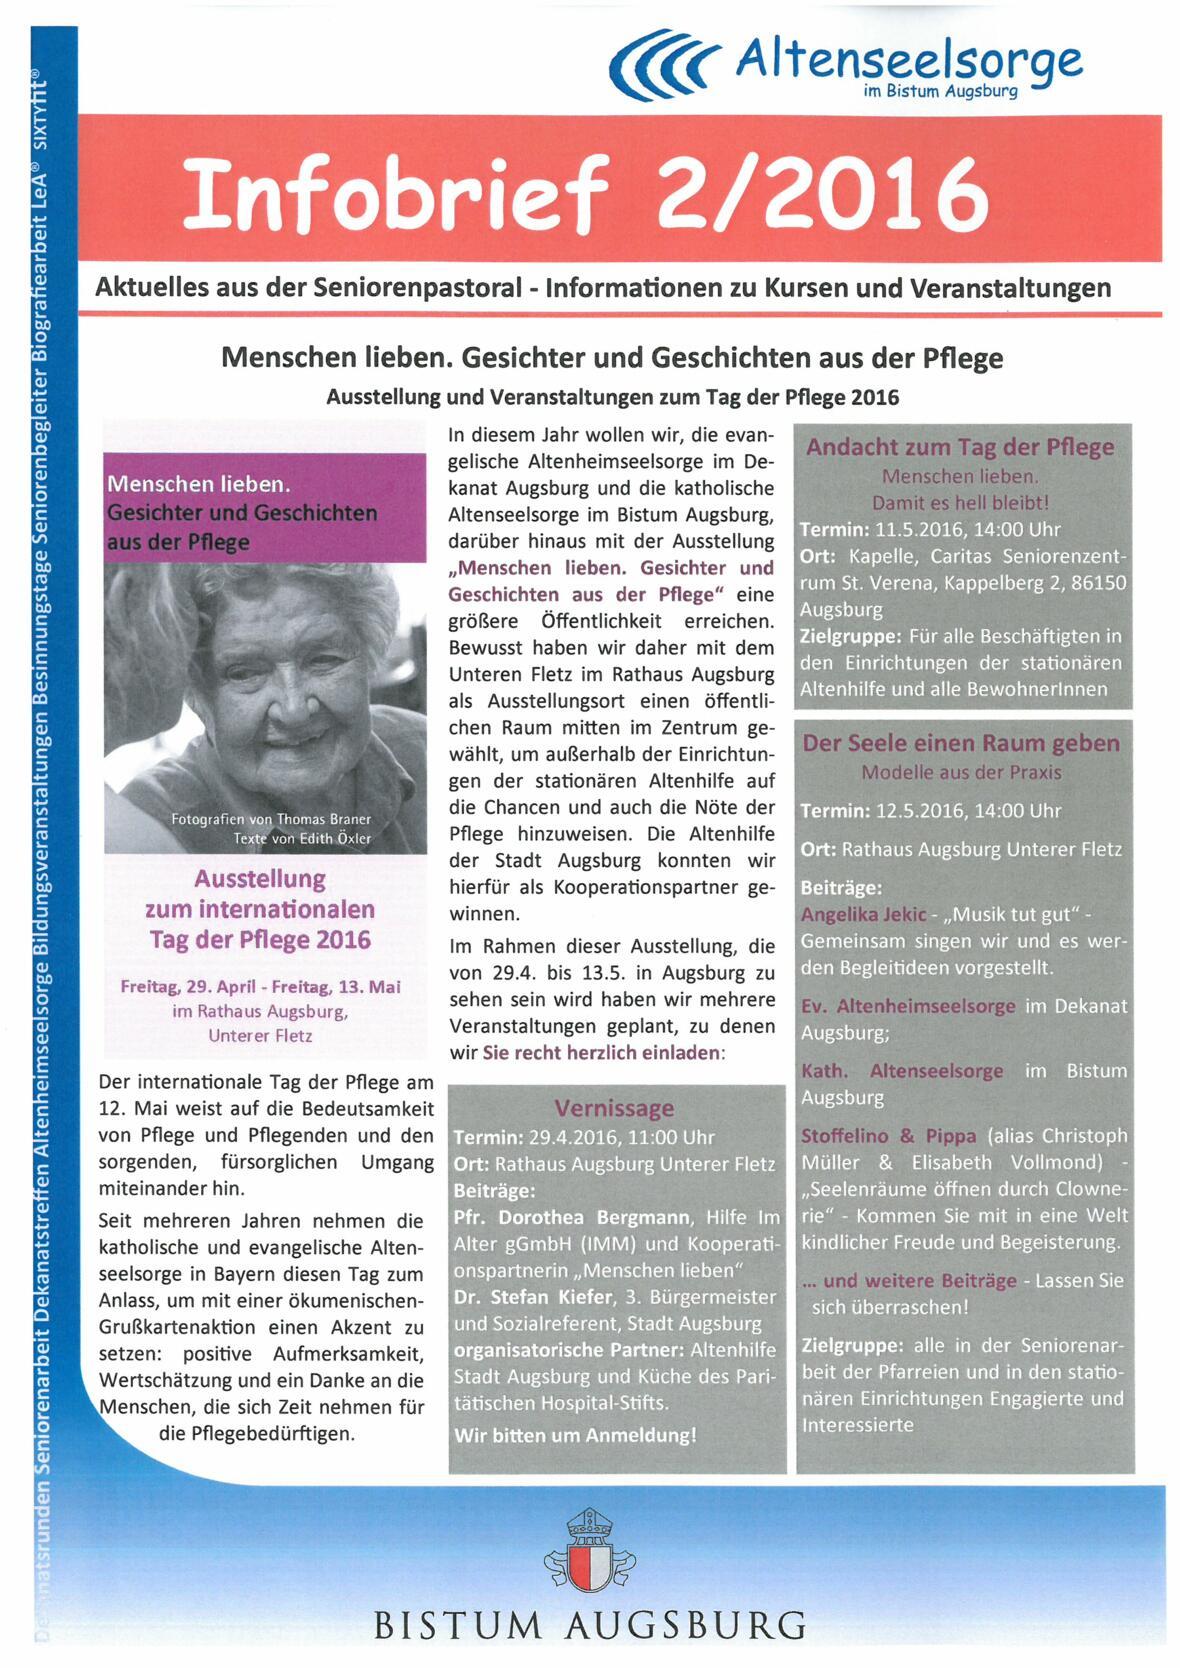 Infobrief Titelblatt für Homepage